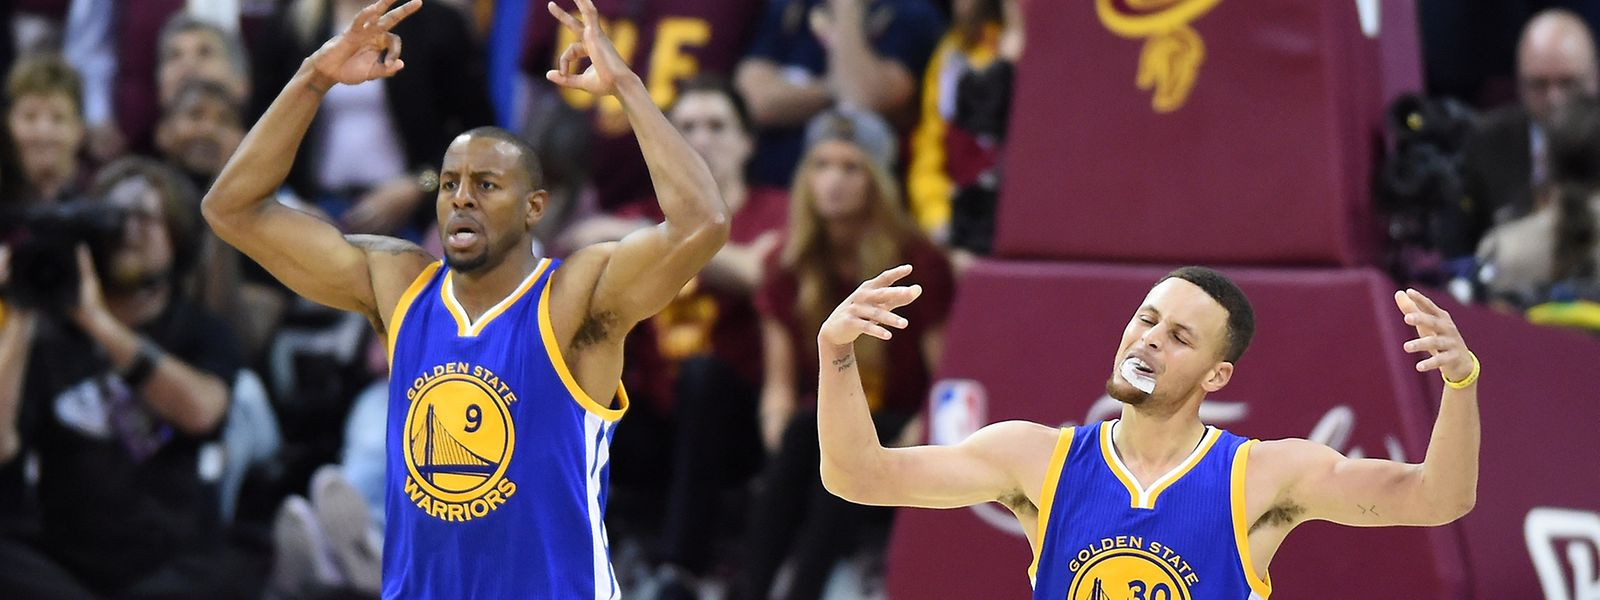 Stephen Curry (30) und Andre Iguodala (9) können feiern: Es fehlt noch ein Sieg zum NBA-Titel.